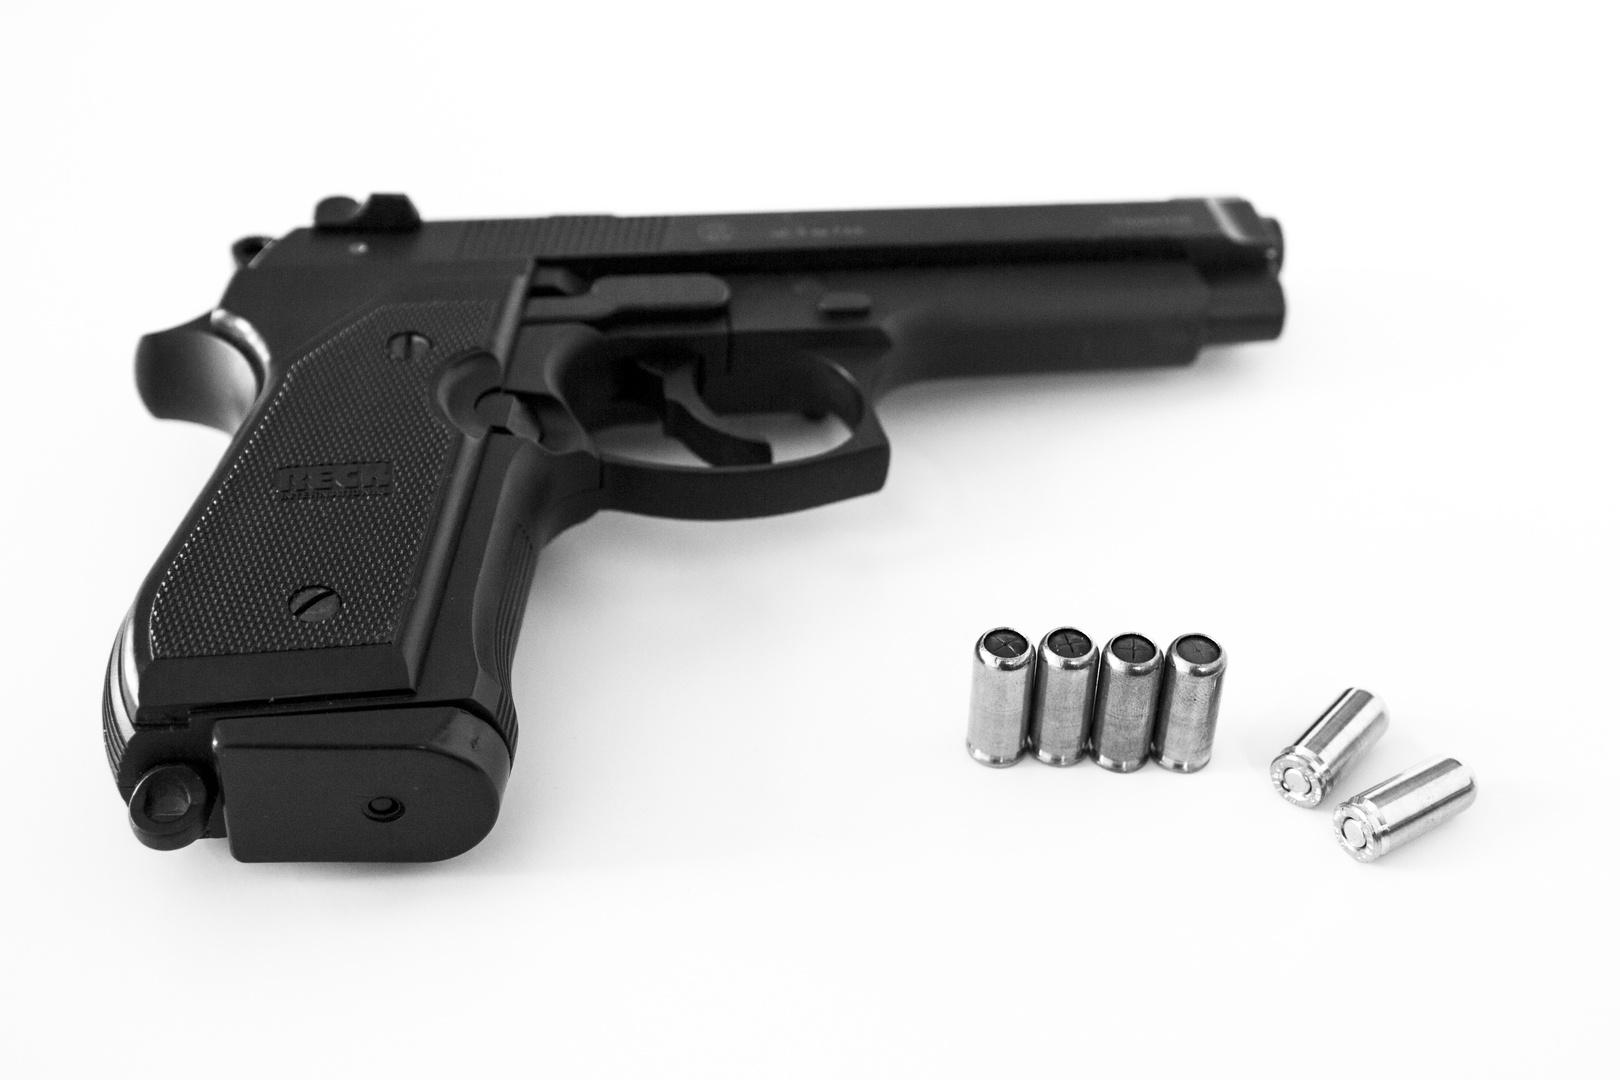 reck miami 92f schreckschuss pistole 9mm foto bild. Black Bedroom Furniture Sets. Home Design Ideas